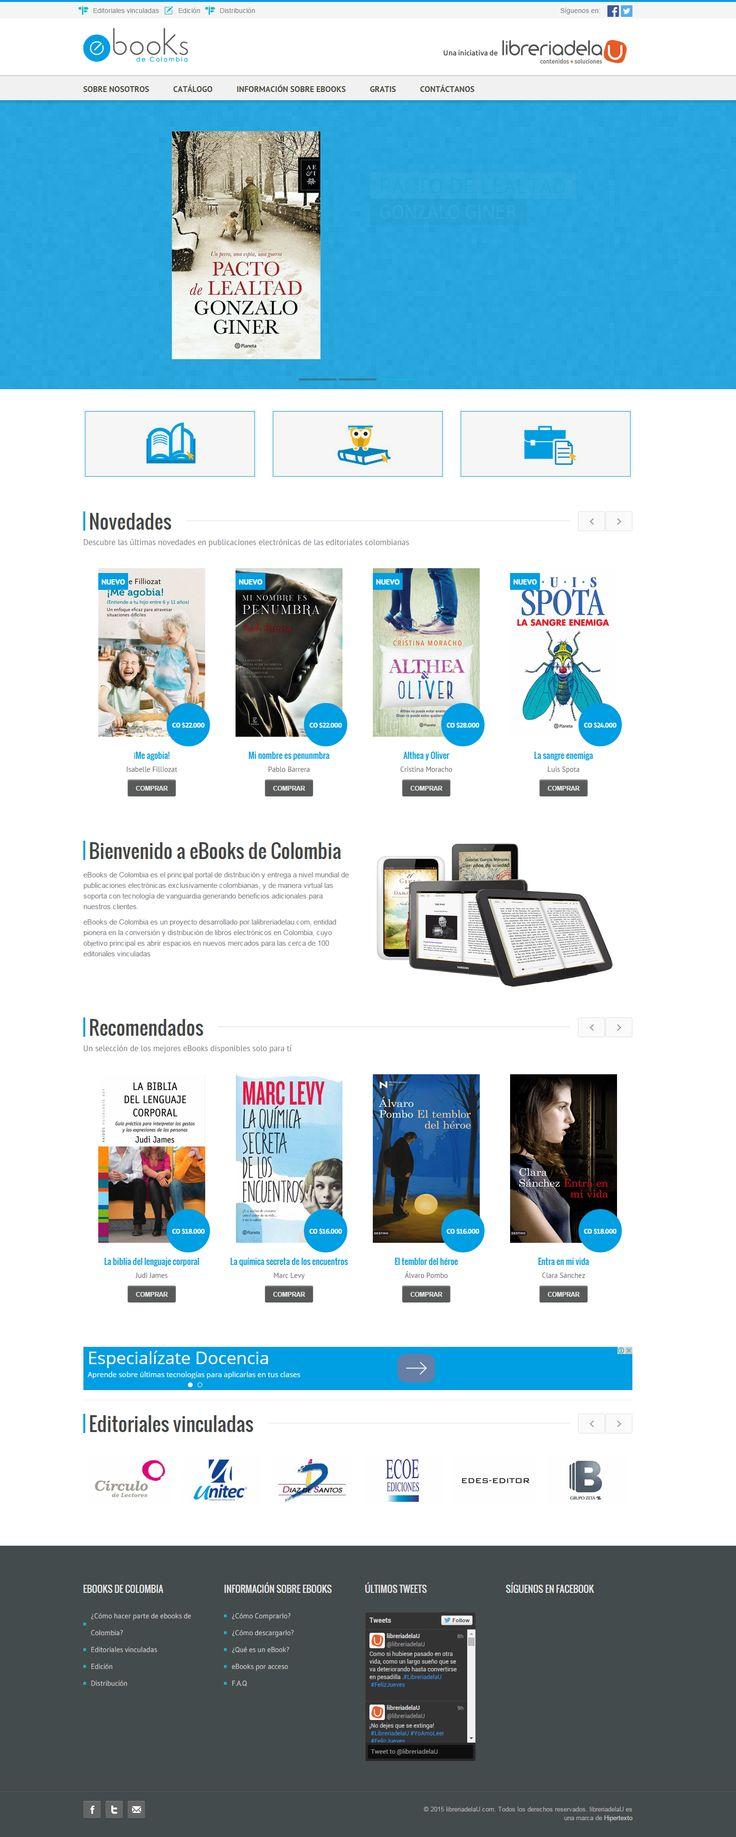 Diseño y desarrollo de portal web eBooks de colombia http://ebooksdecolombia.com/